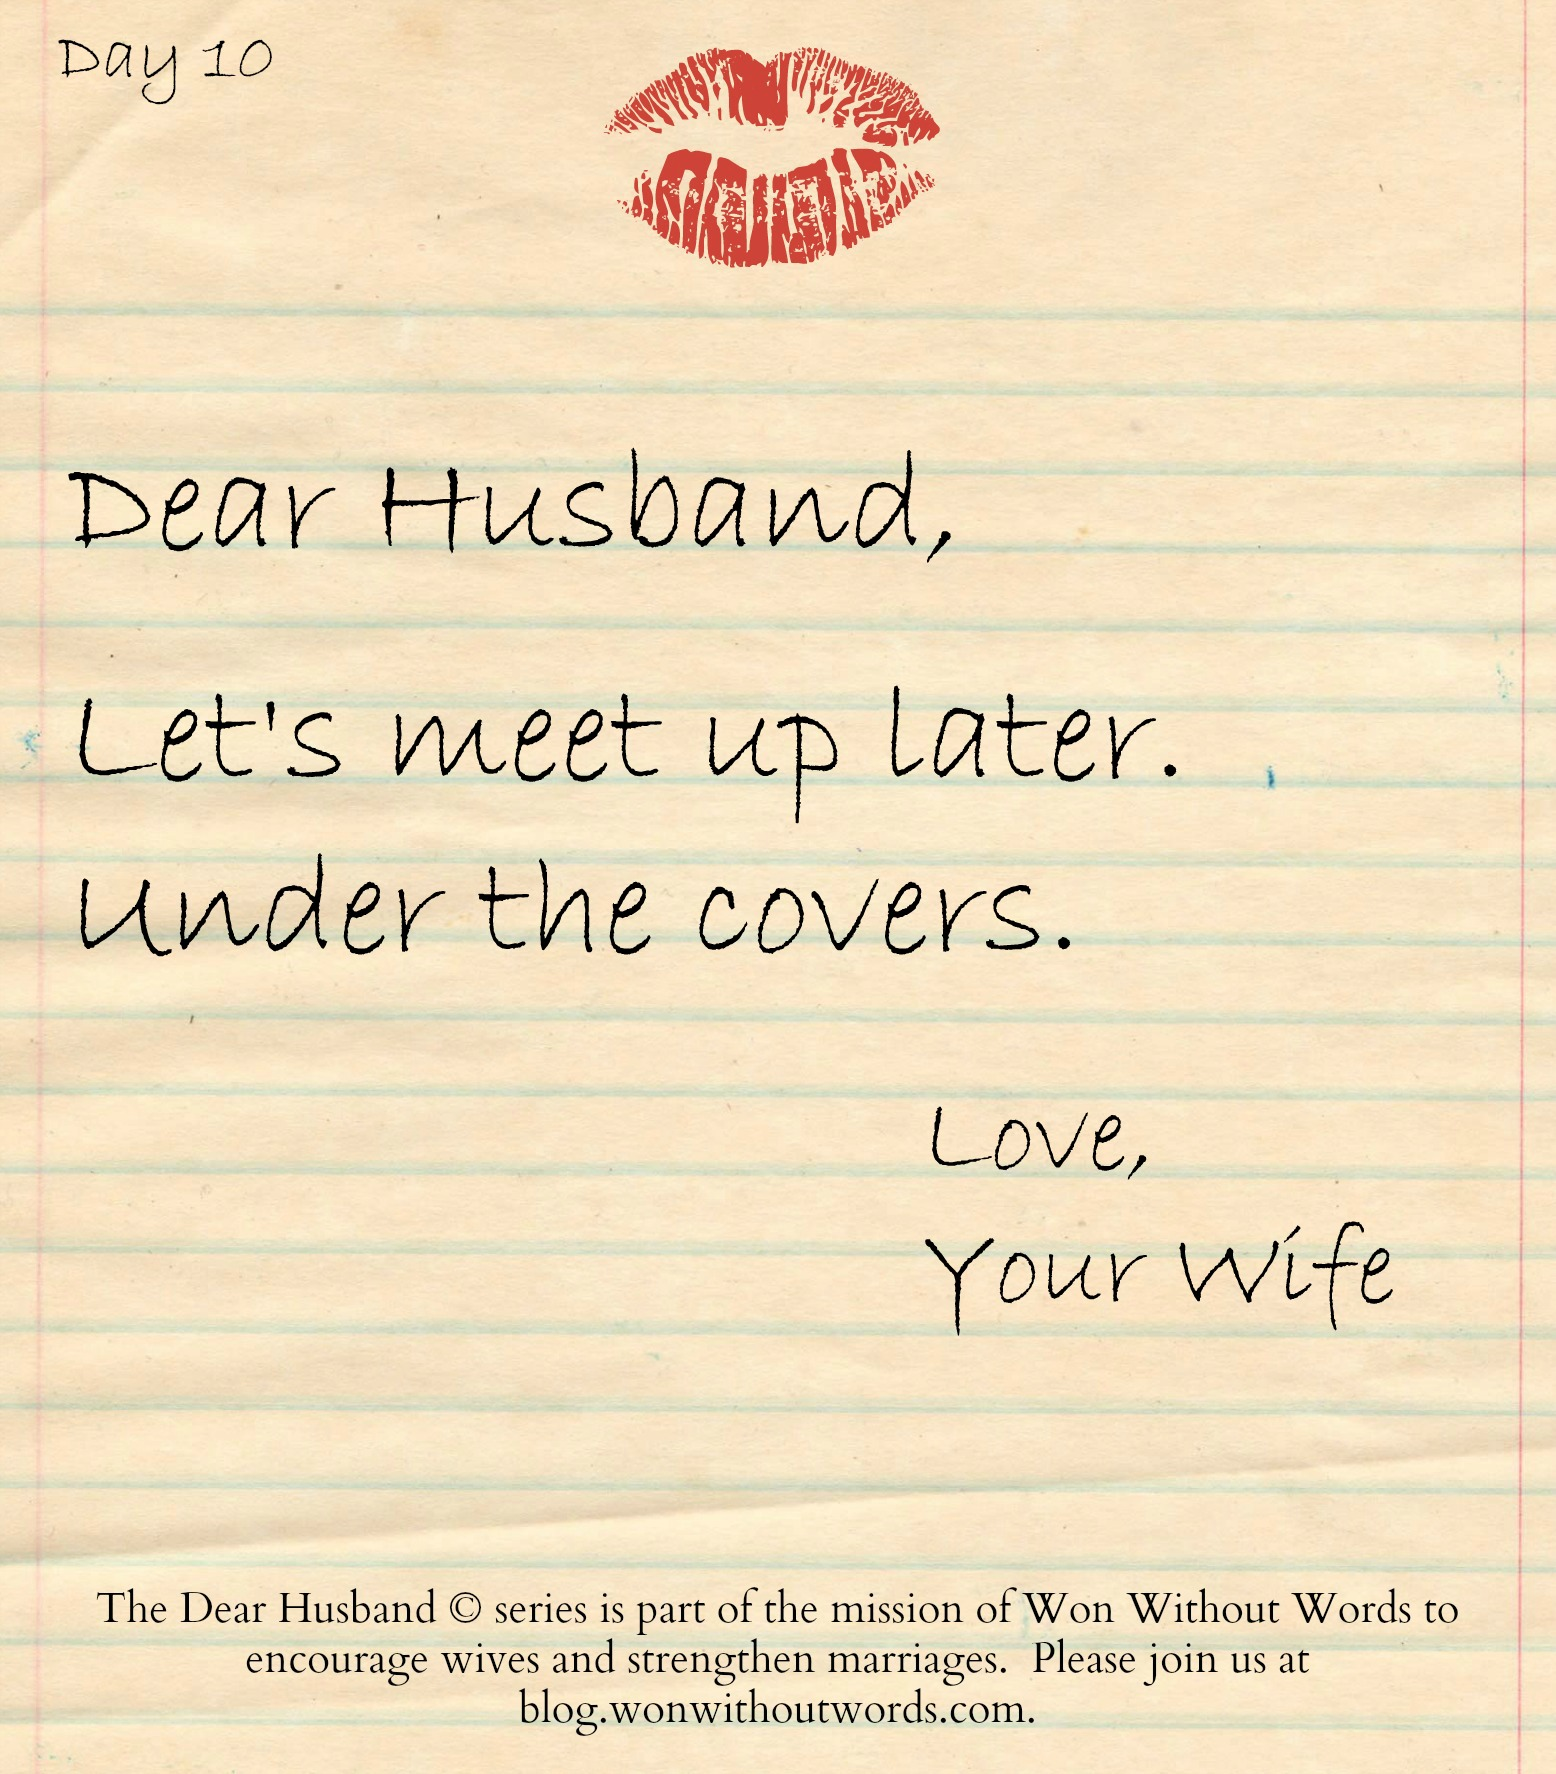 Let's Meet Up Later, Dear Husband